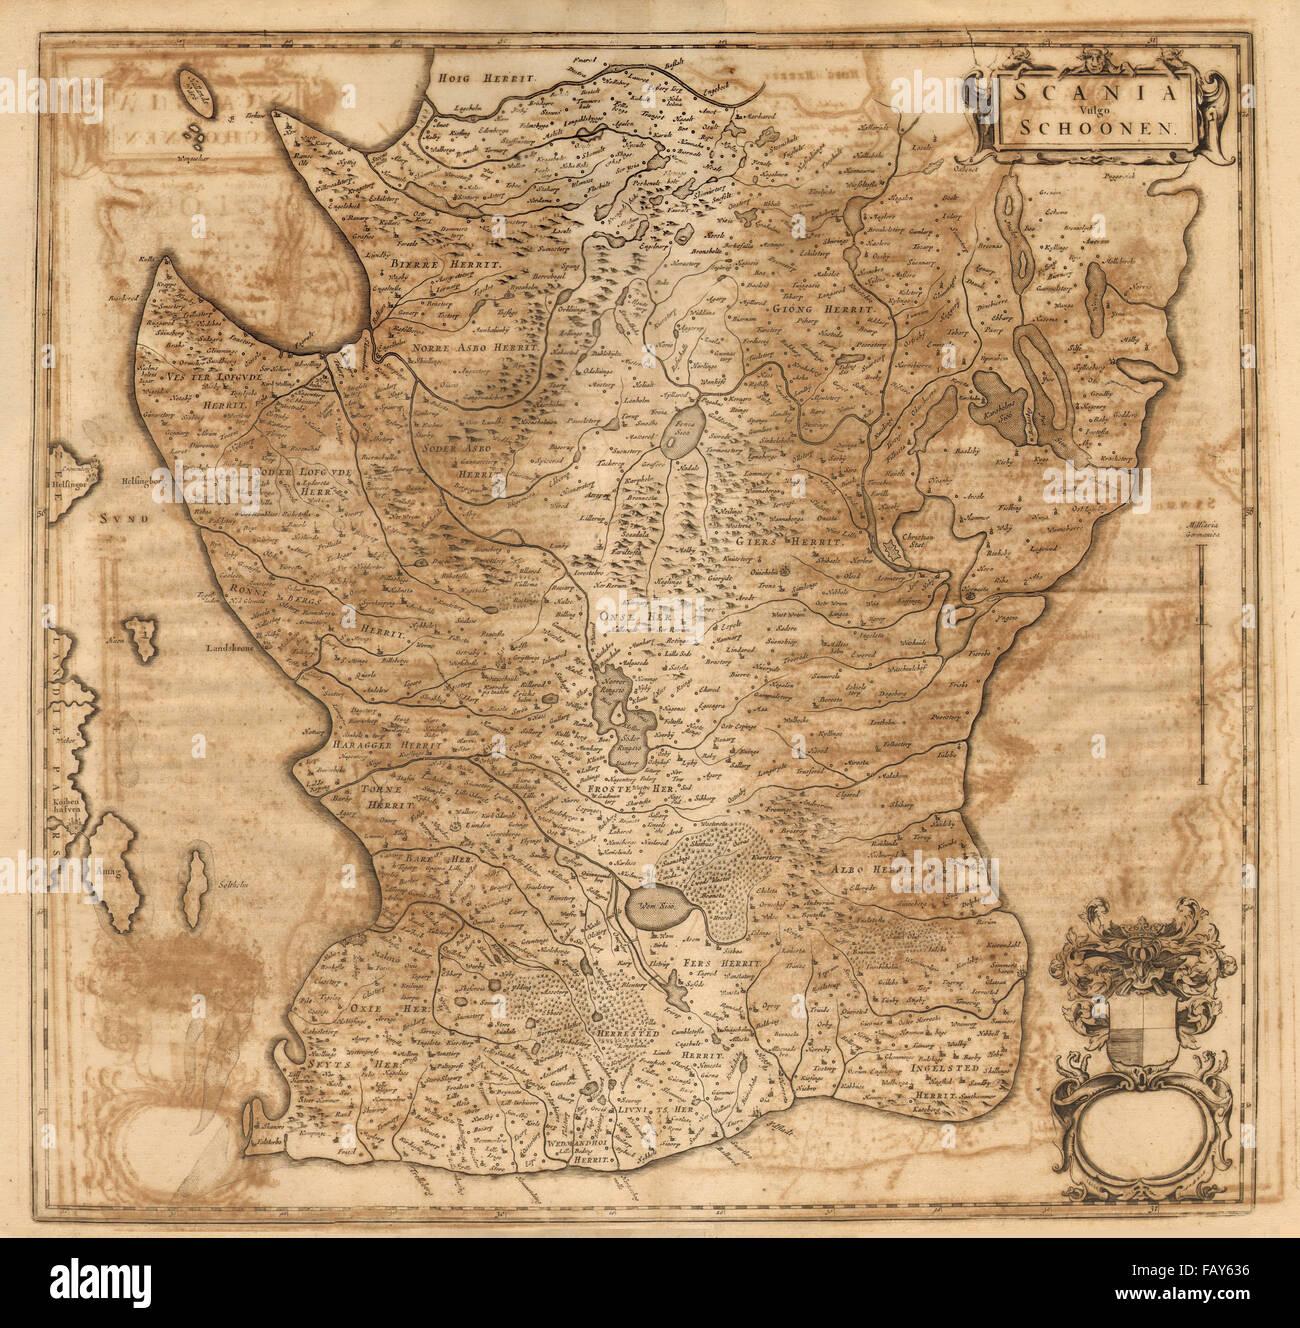 SCANIA VULGO SCHOONEN Skåne Sweden Helsingborg Malmo Ystad - Sweden map ystad